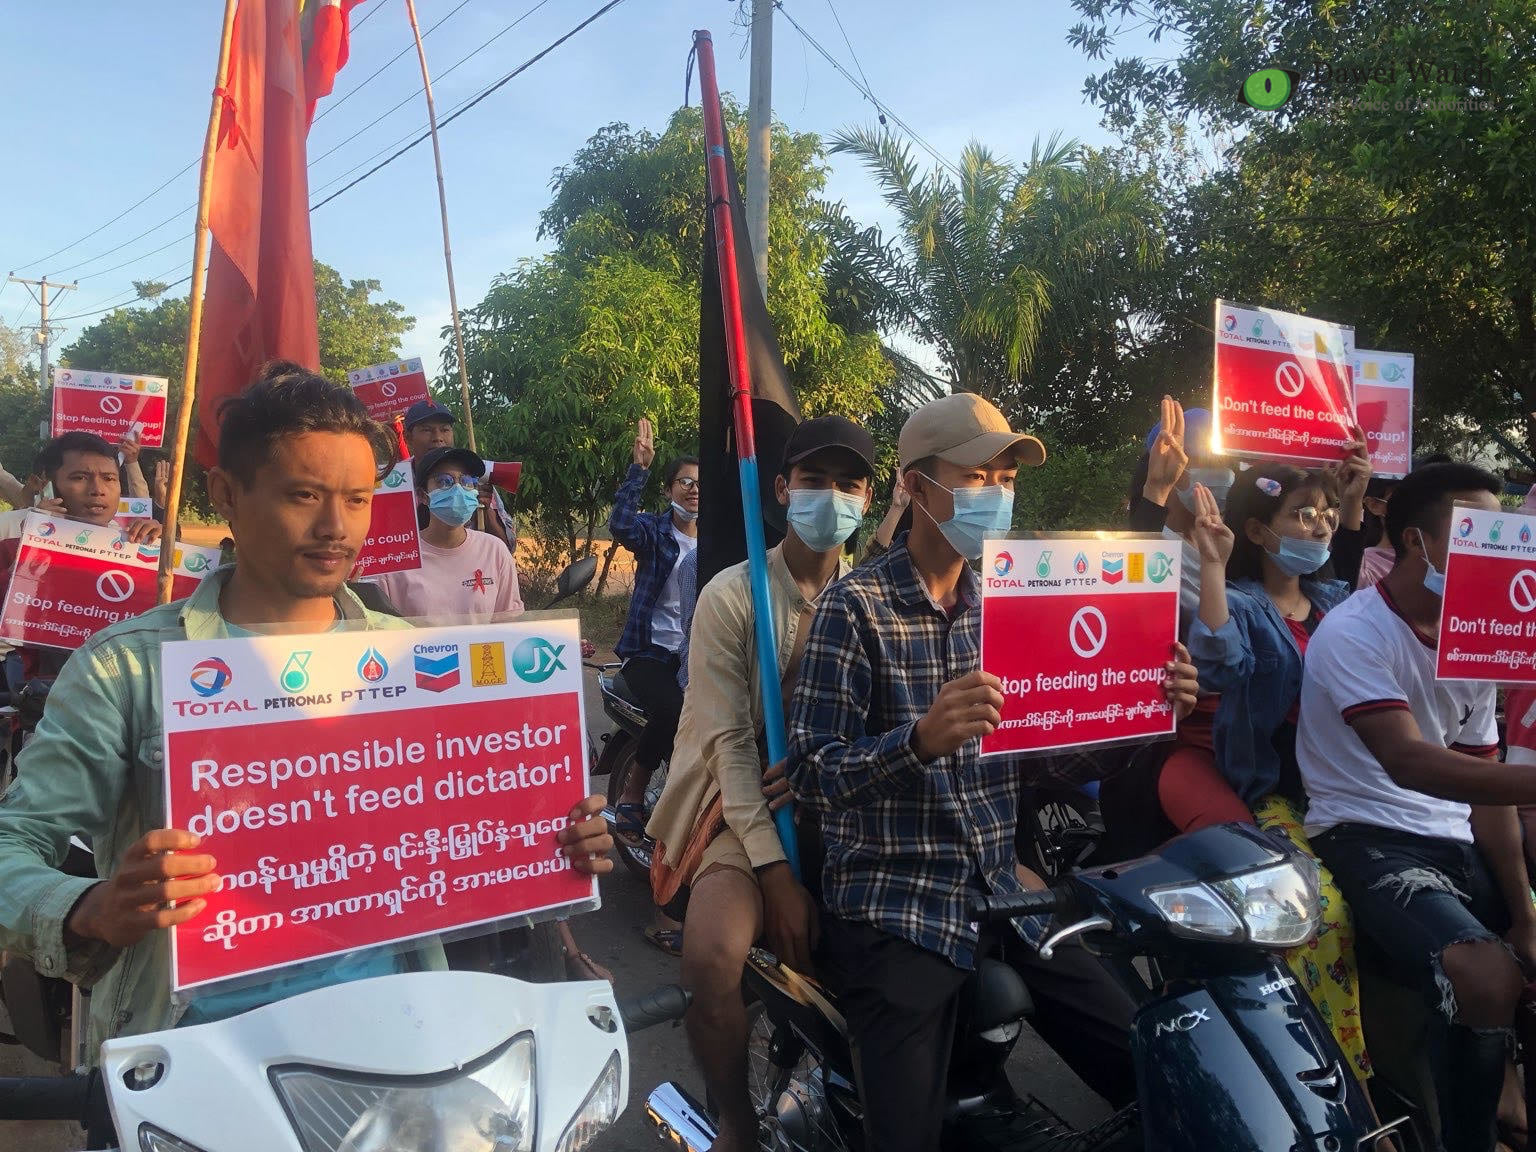 Parmi les manifestants birmans à Kanbauk le 12 février 2021, des salariés du programme économique et social que Total est si fier de financer dans la zone de son gazoduc. Ils réclament l'interruption des financements aux généraux auteurs du coup d'État du 1er février. Ils sont nombreux à participer au Mouvement de désobéissance civile (CDM), pourchassé par la junte. (Source : Compte Facebook de Dawei Watch)